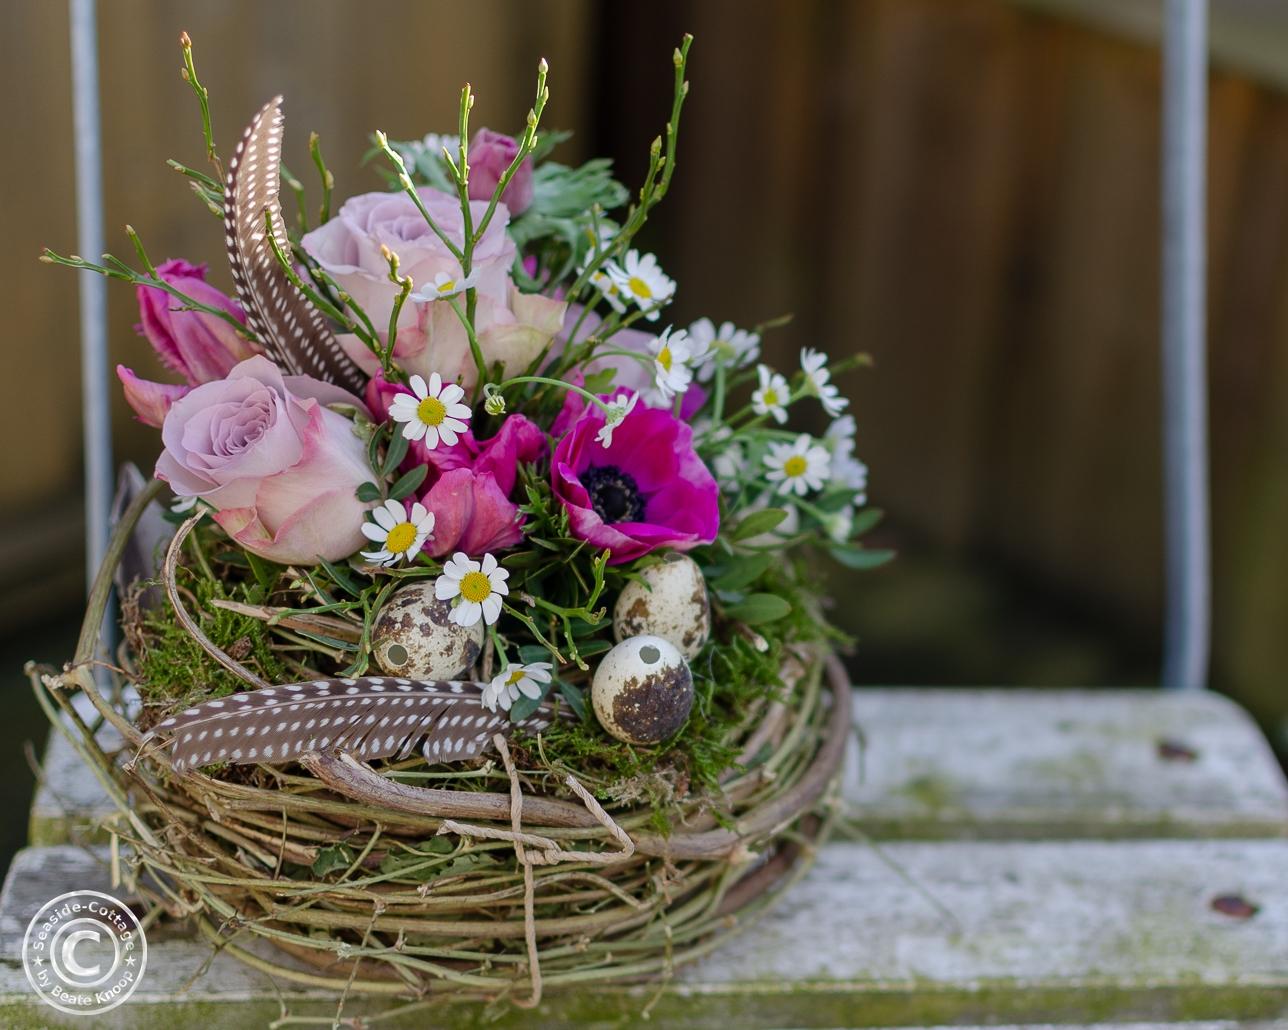 Nest mit frischen Frühlingsblumen in pink-rosa Tönen: Anemonen, Tulpen, Rosen, Edelkamille, Heidelbeergrün Wachteleier und Federn